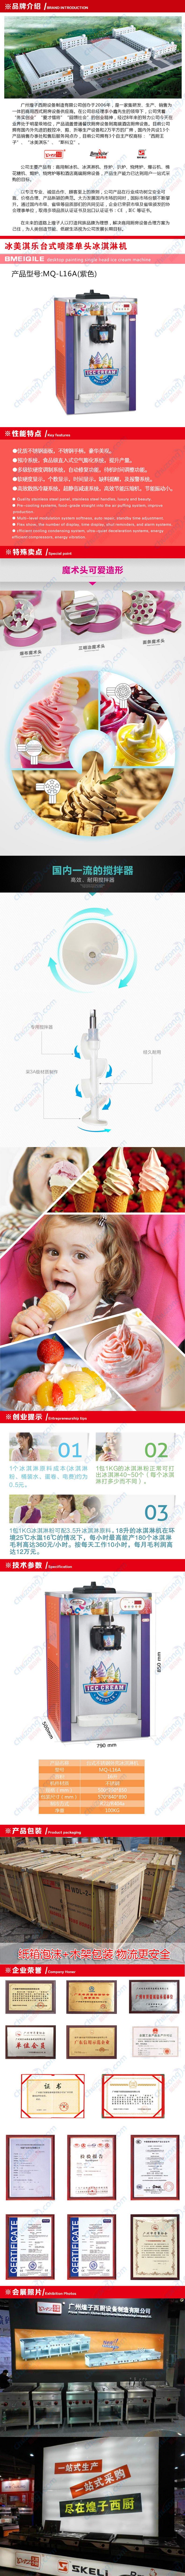 冰美淇樂臺式噴漆單頭冰淇淋機MQ-L16